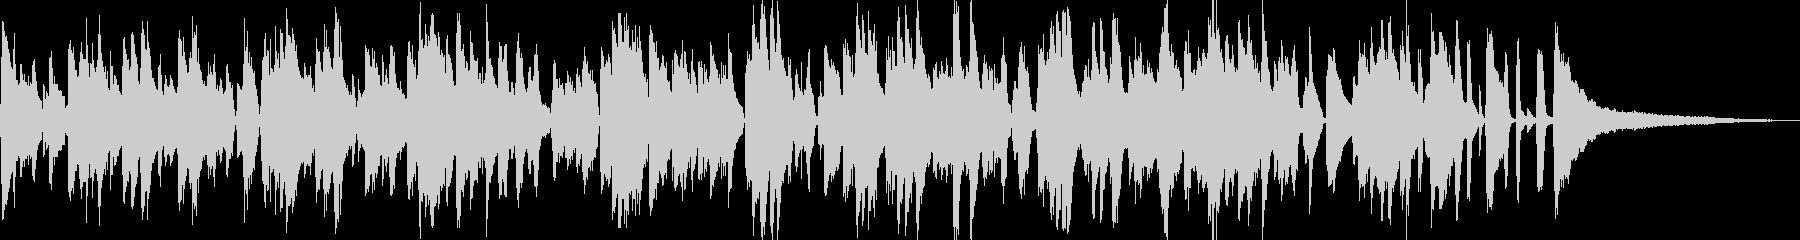 爽やか系ラウンジ風ボサノバ/ピアノトリオの未再生の波形